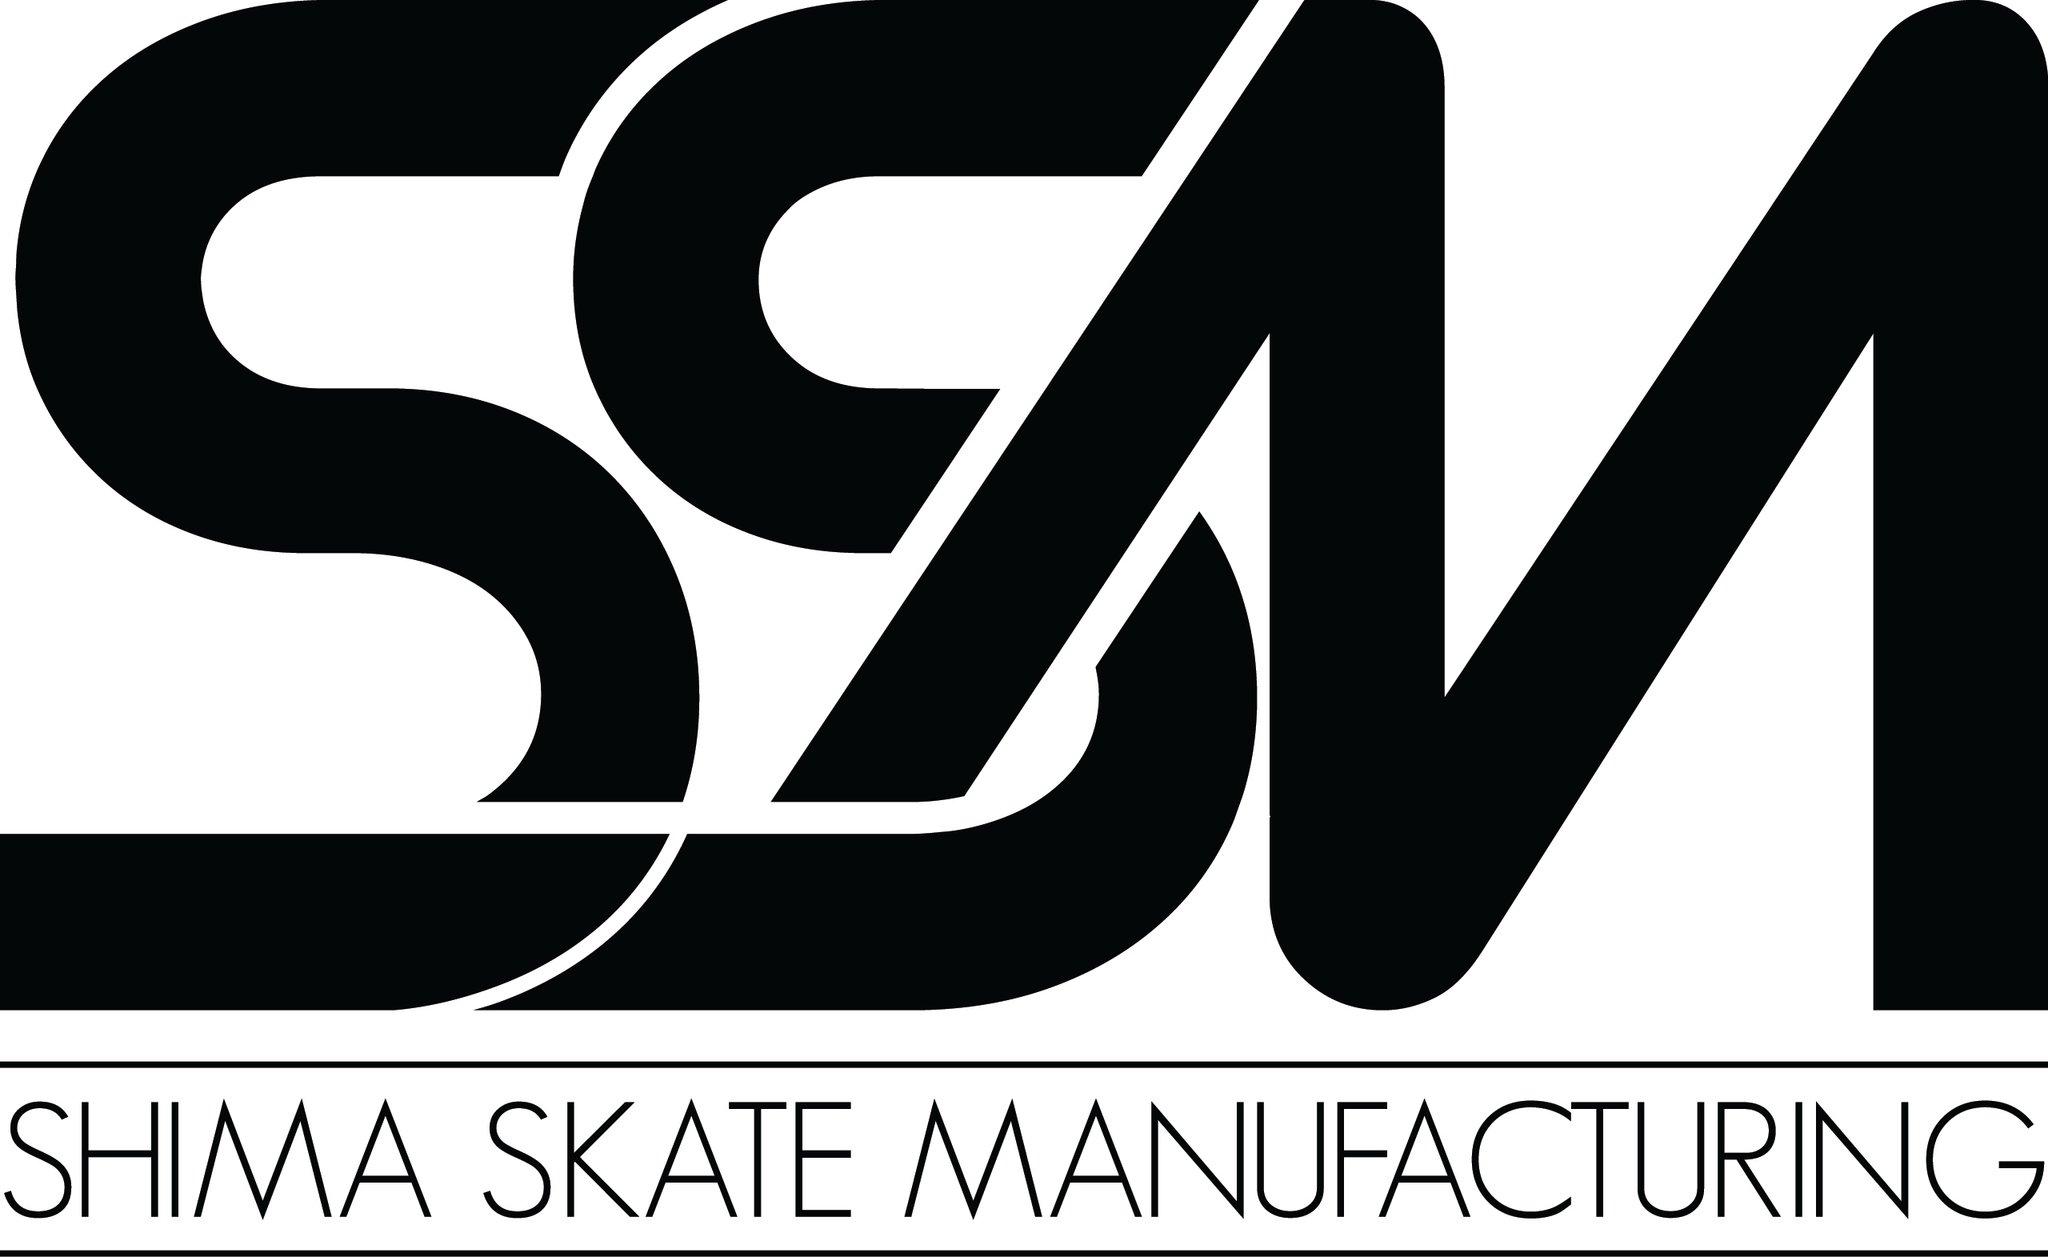 Shima Skate Manufactoring